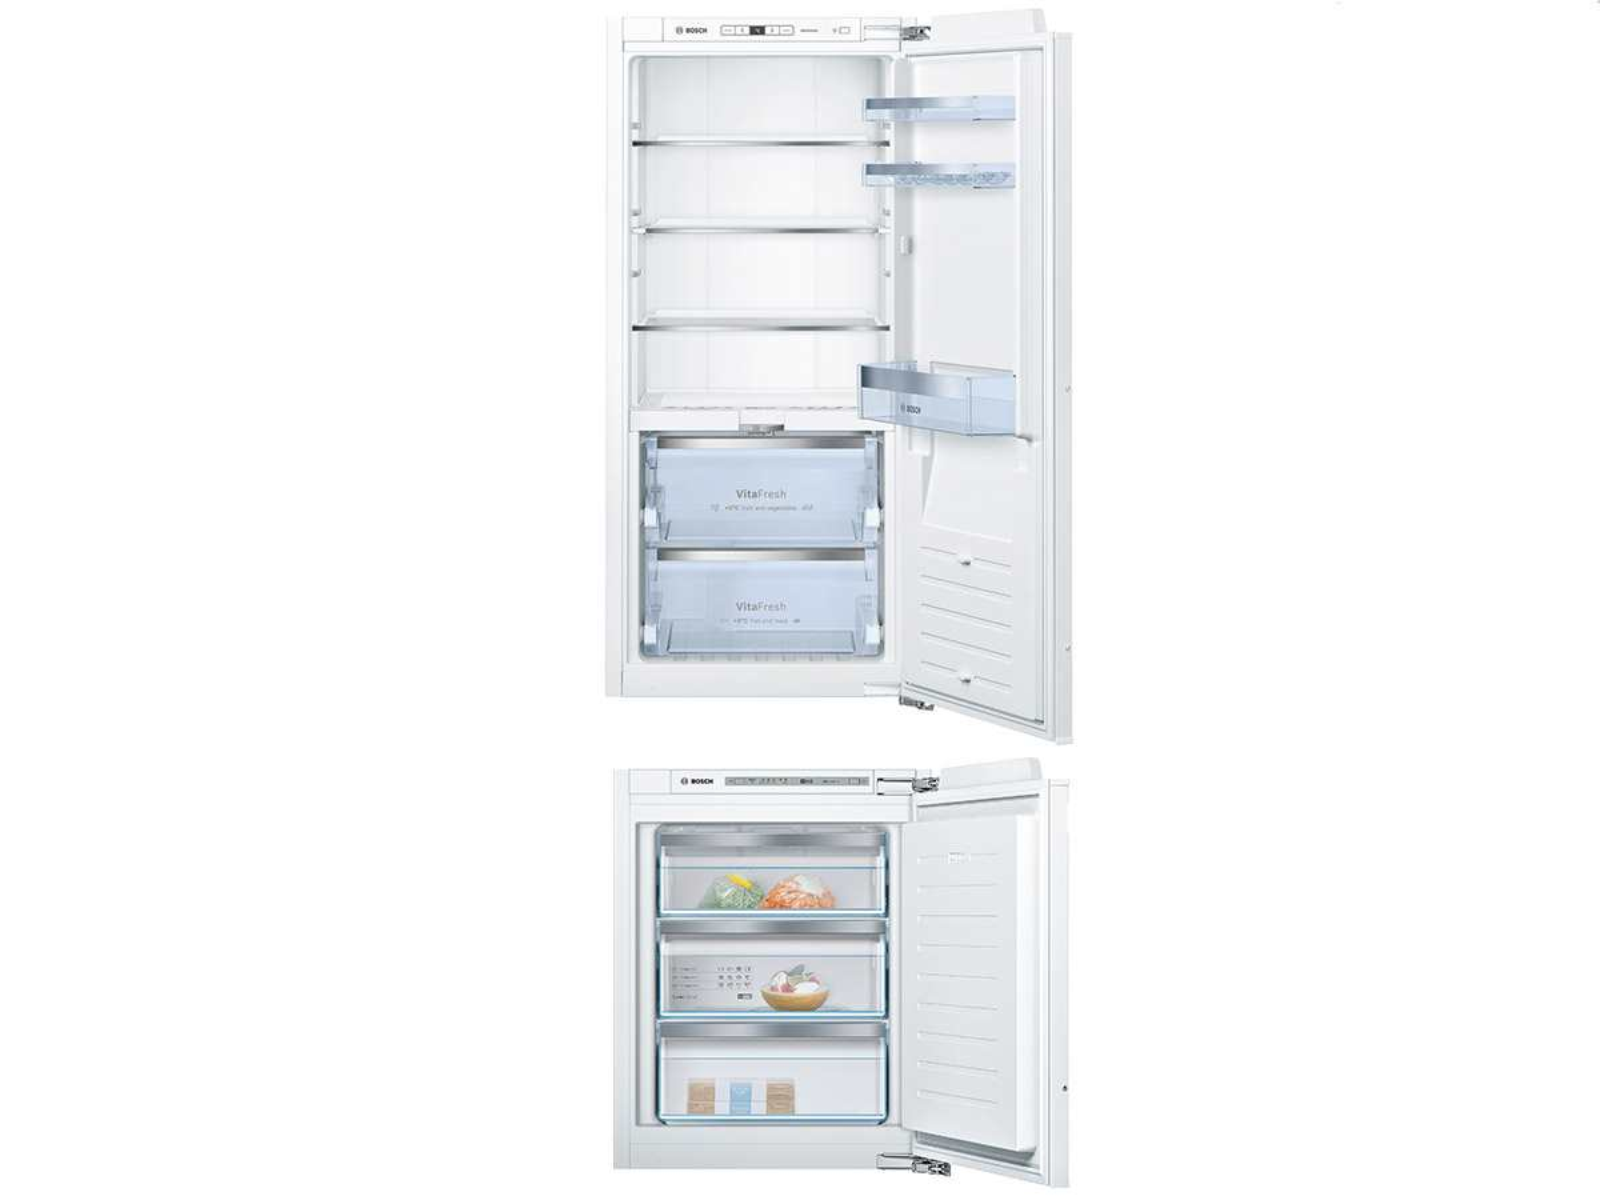 Siemens Kühlschrank Scharnier Einstellen : Bosch geschirrspüler tür justieren bosch kühlschrank tür